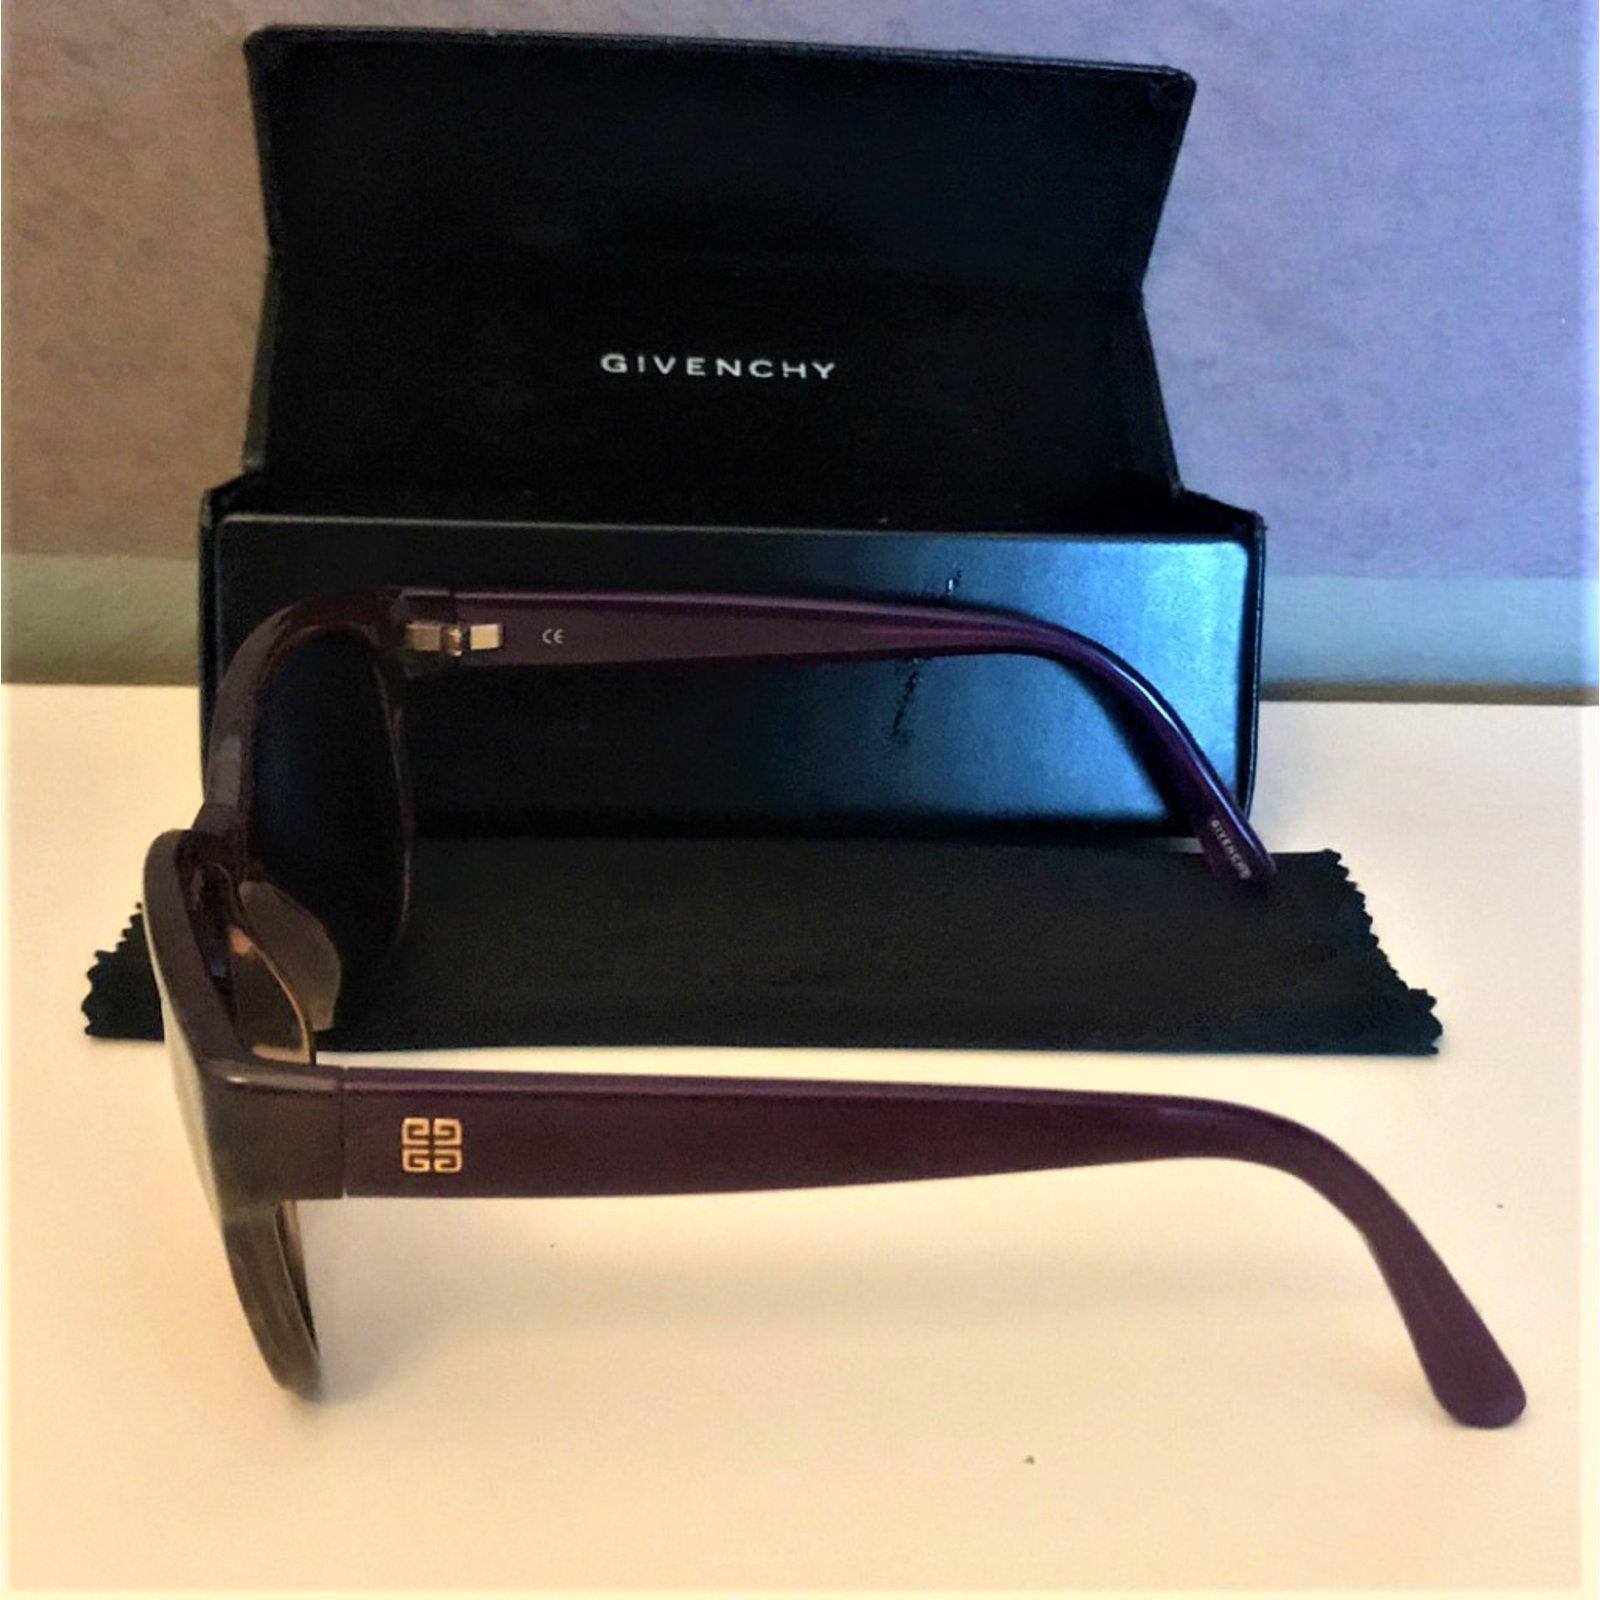 Lunettes Givenchy Lunette de soleil Givenchy Plastique Violet ref.99715 -  Joli Closet 668e0bf17777